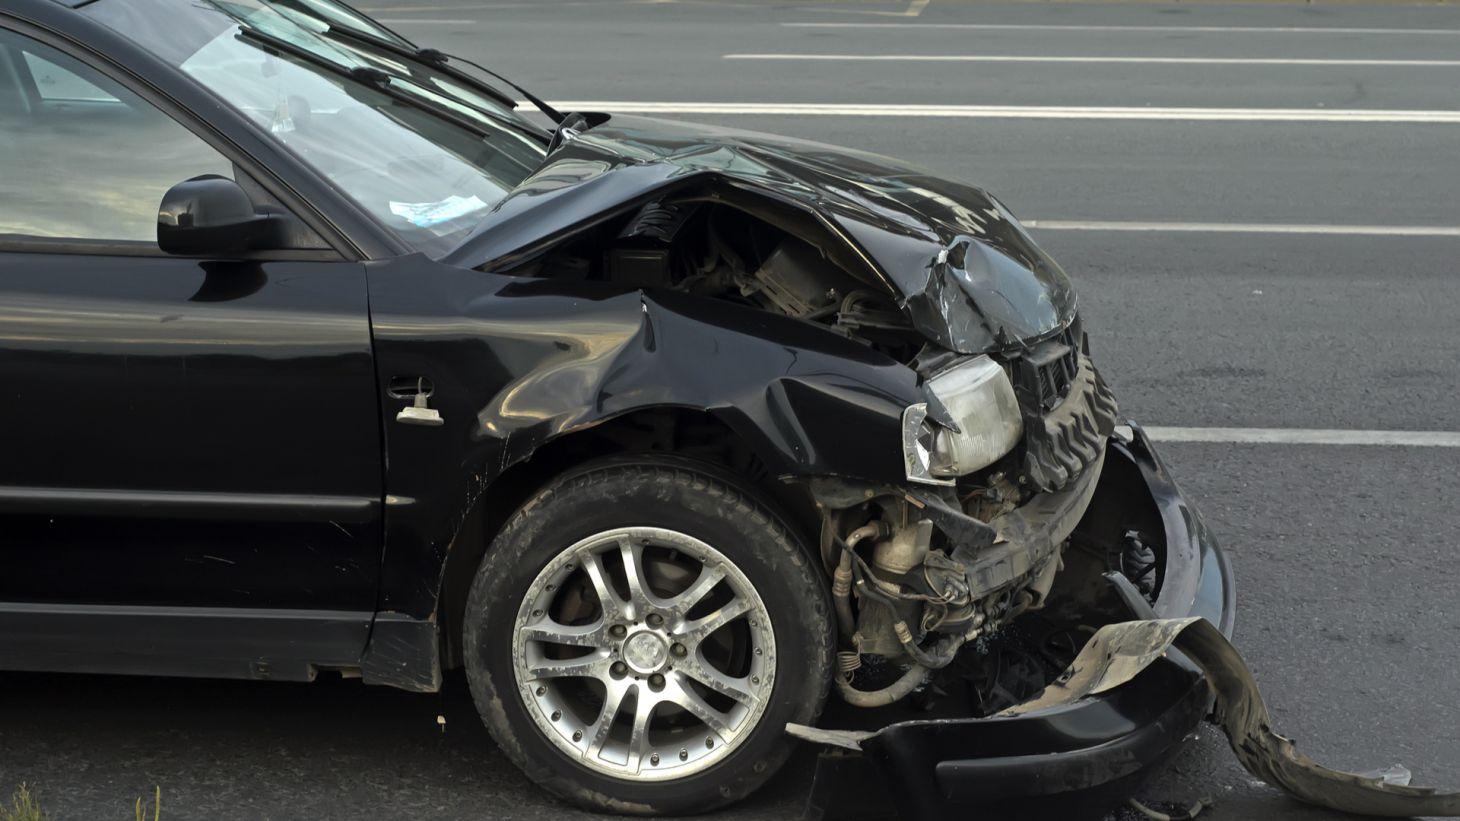 acidente transito frente carro amassada airbag nao disparou